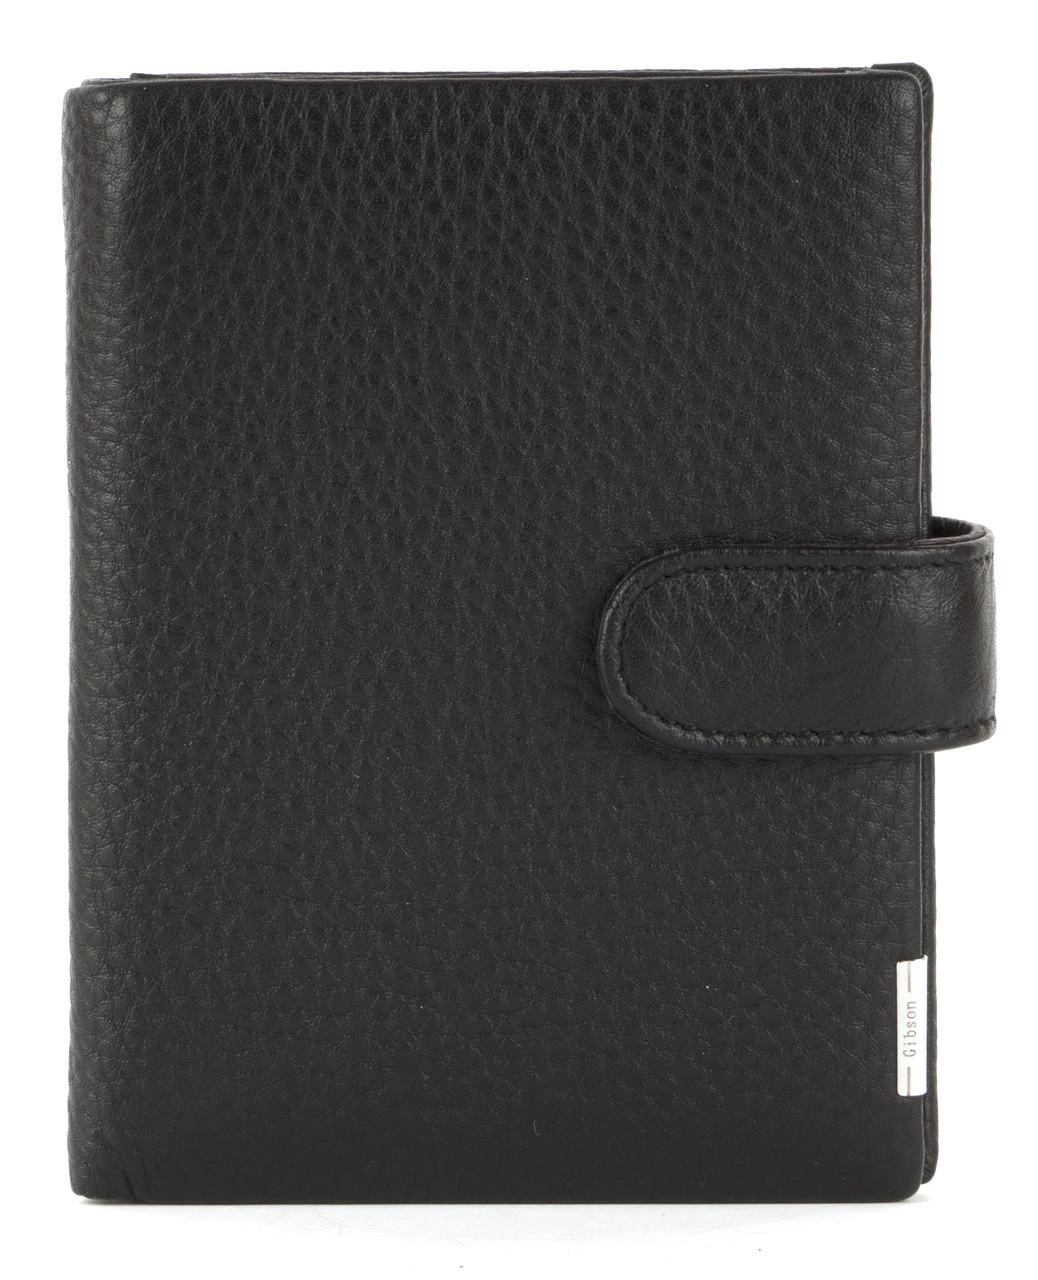 Кожаный мужской прочный кошелек GIBSON art. M302B-ZS033-N-1 черный